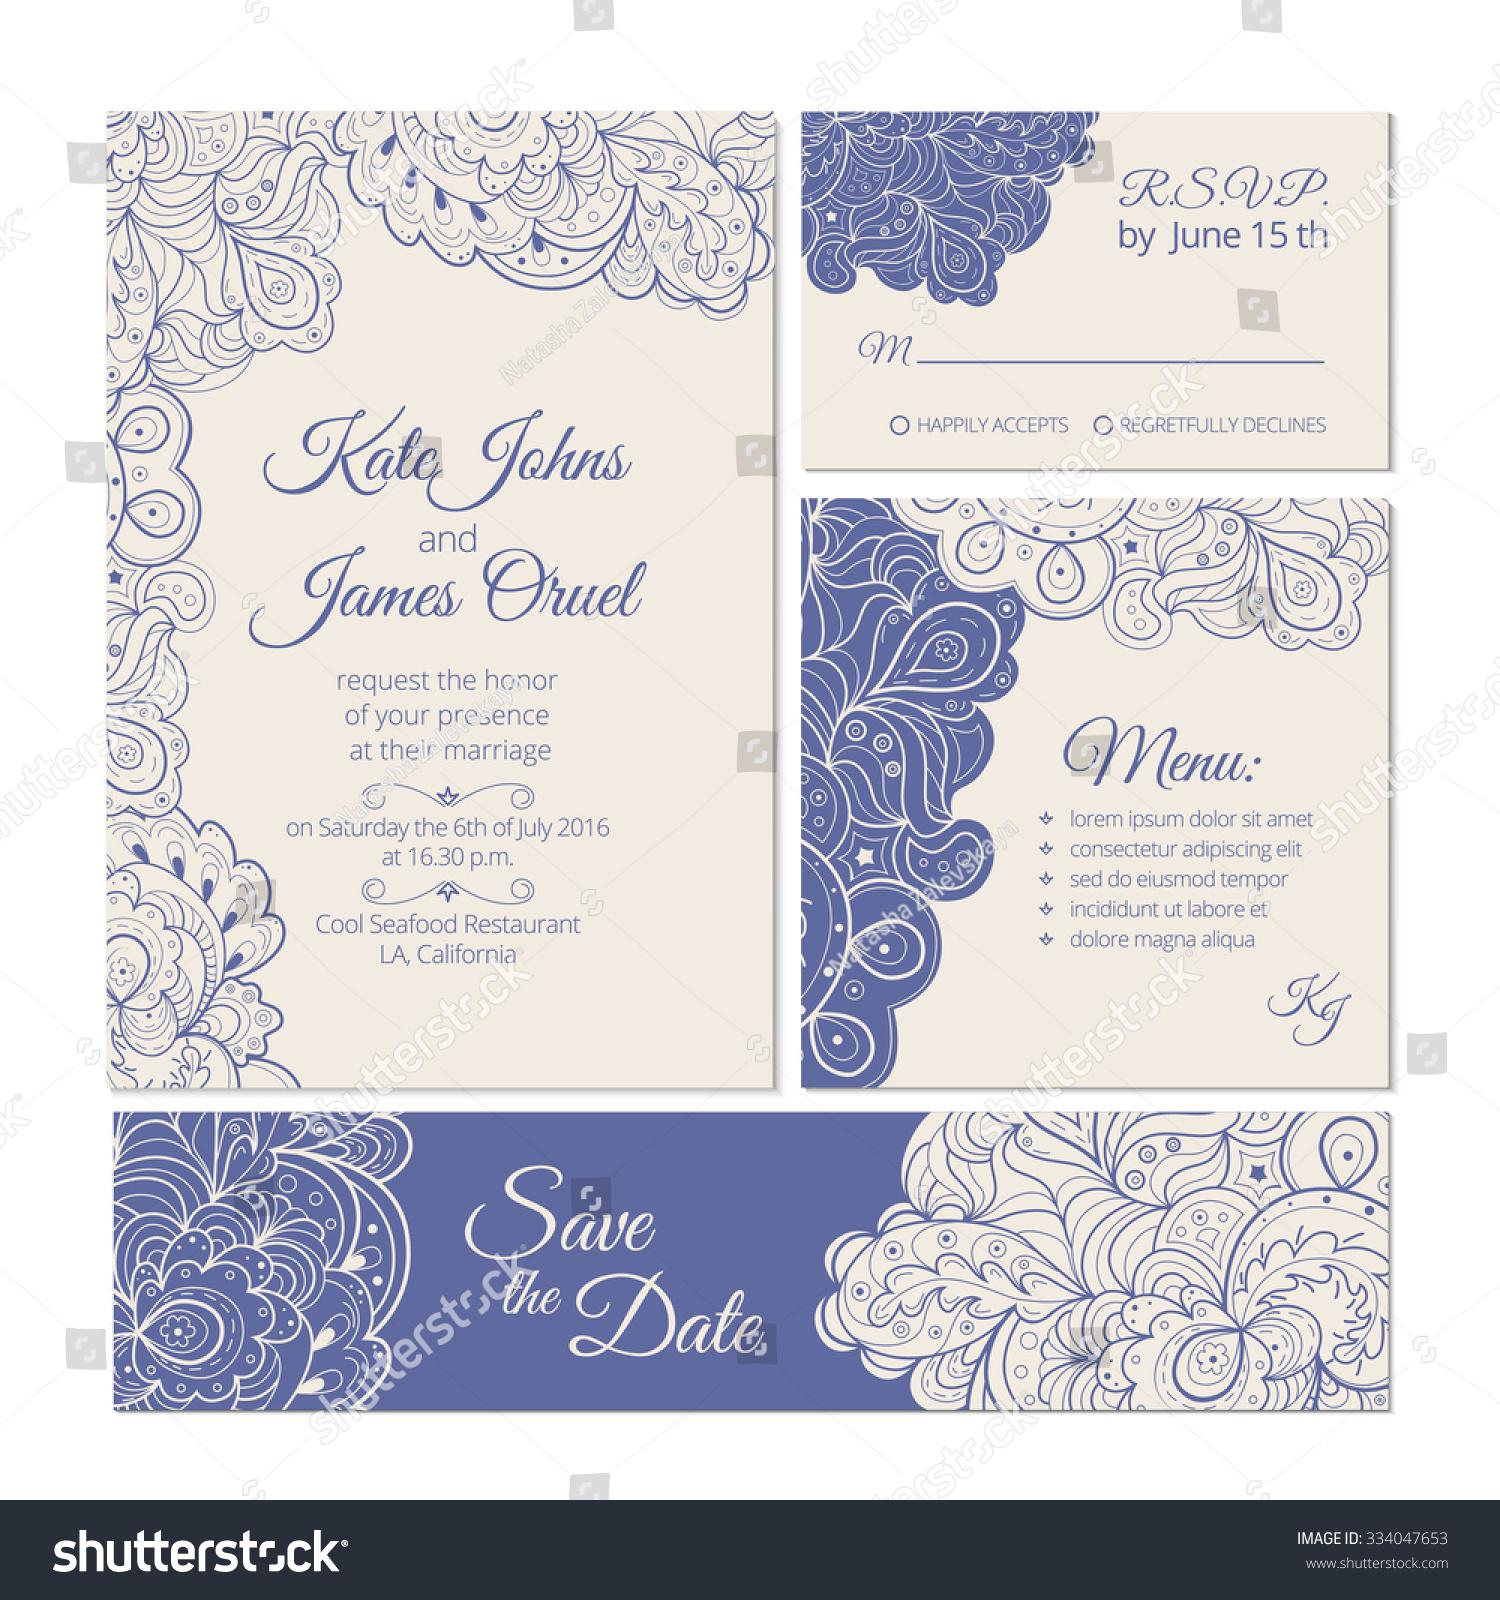 Elegant Wedding Set Vintage Cards Design Vector 334047653 – Winter Wedding Save the Date